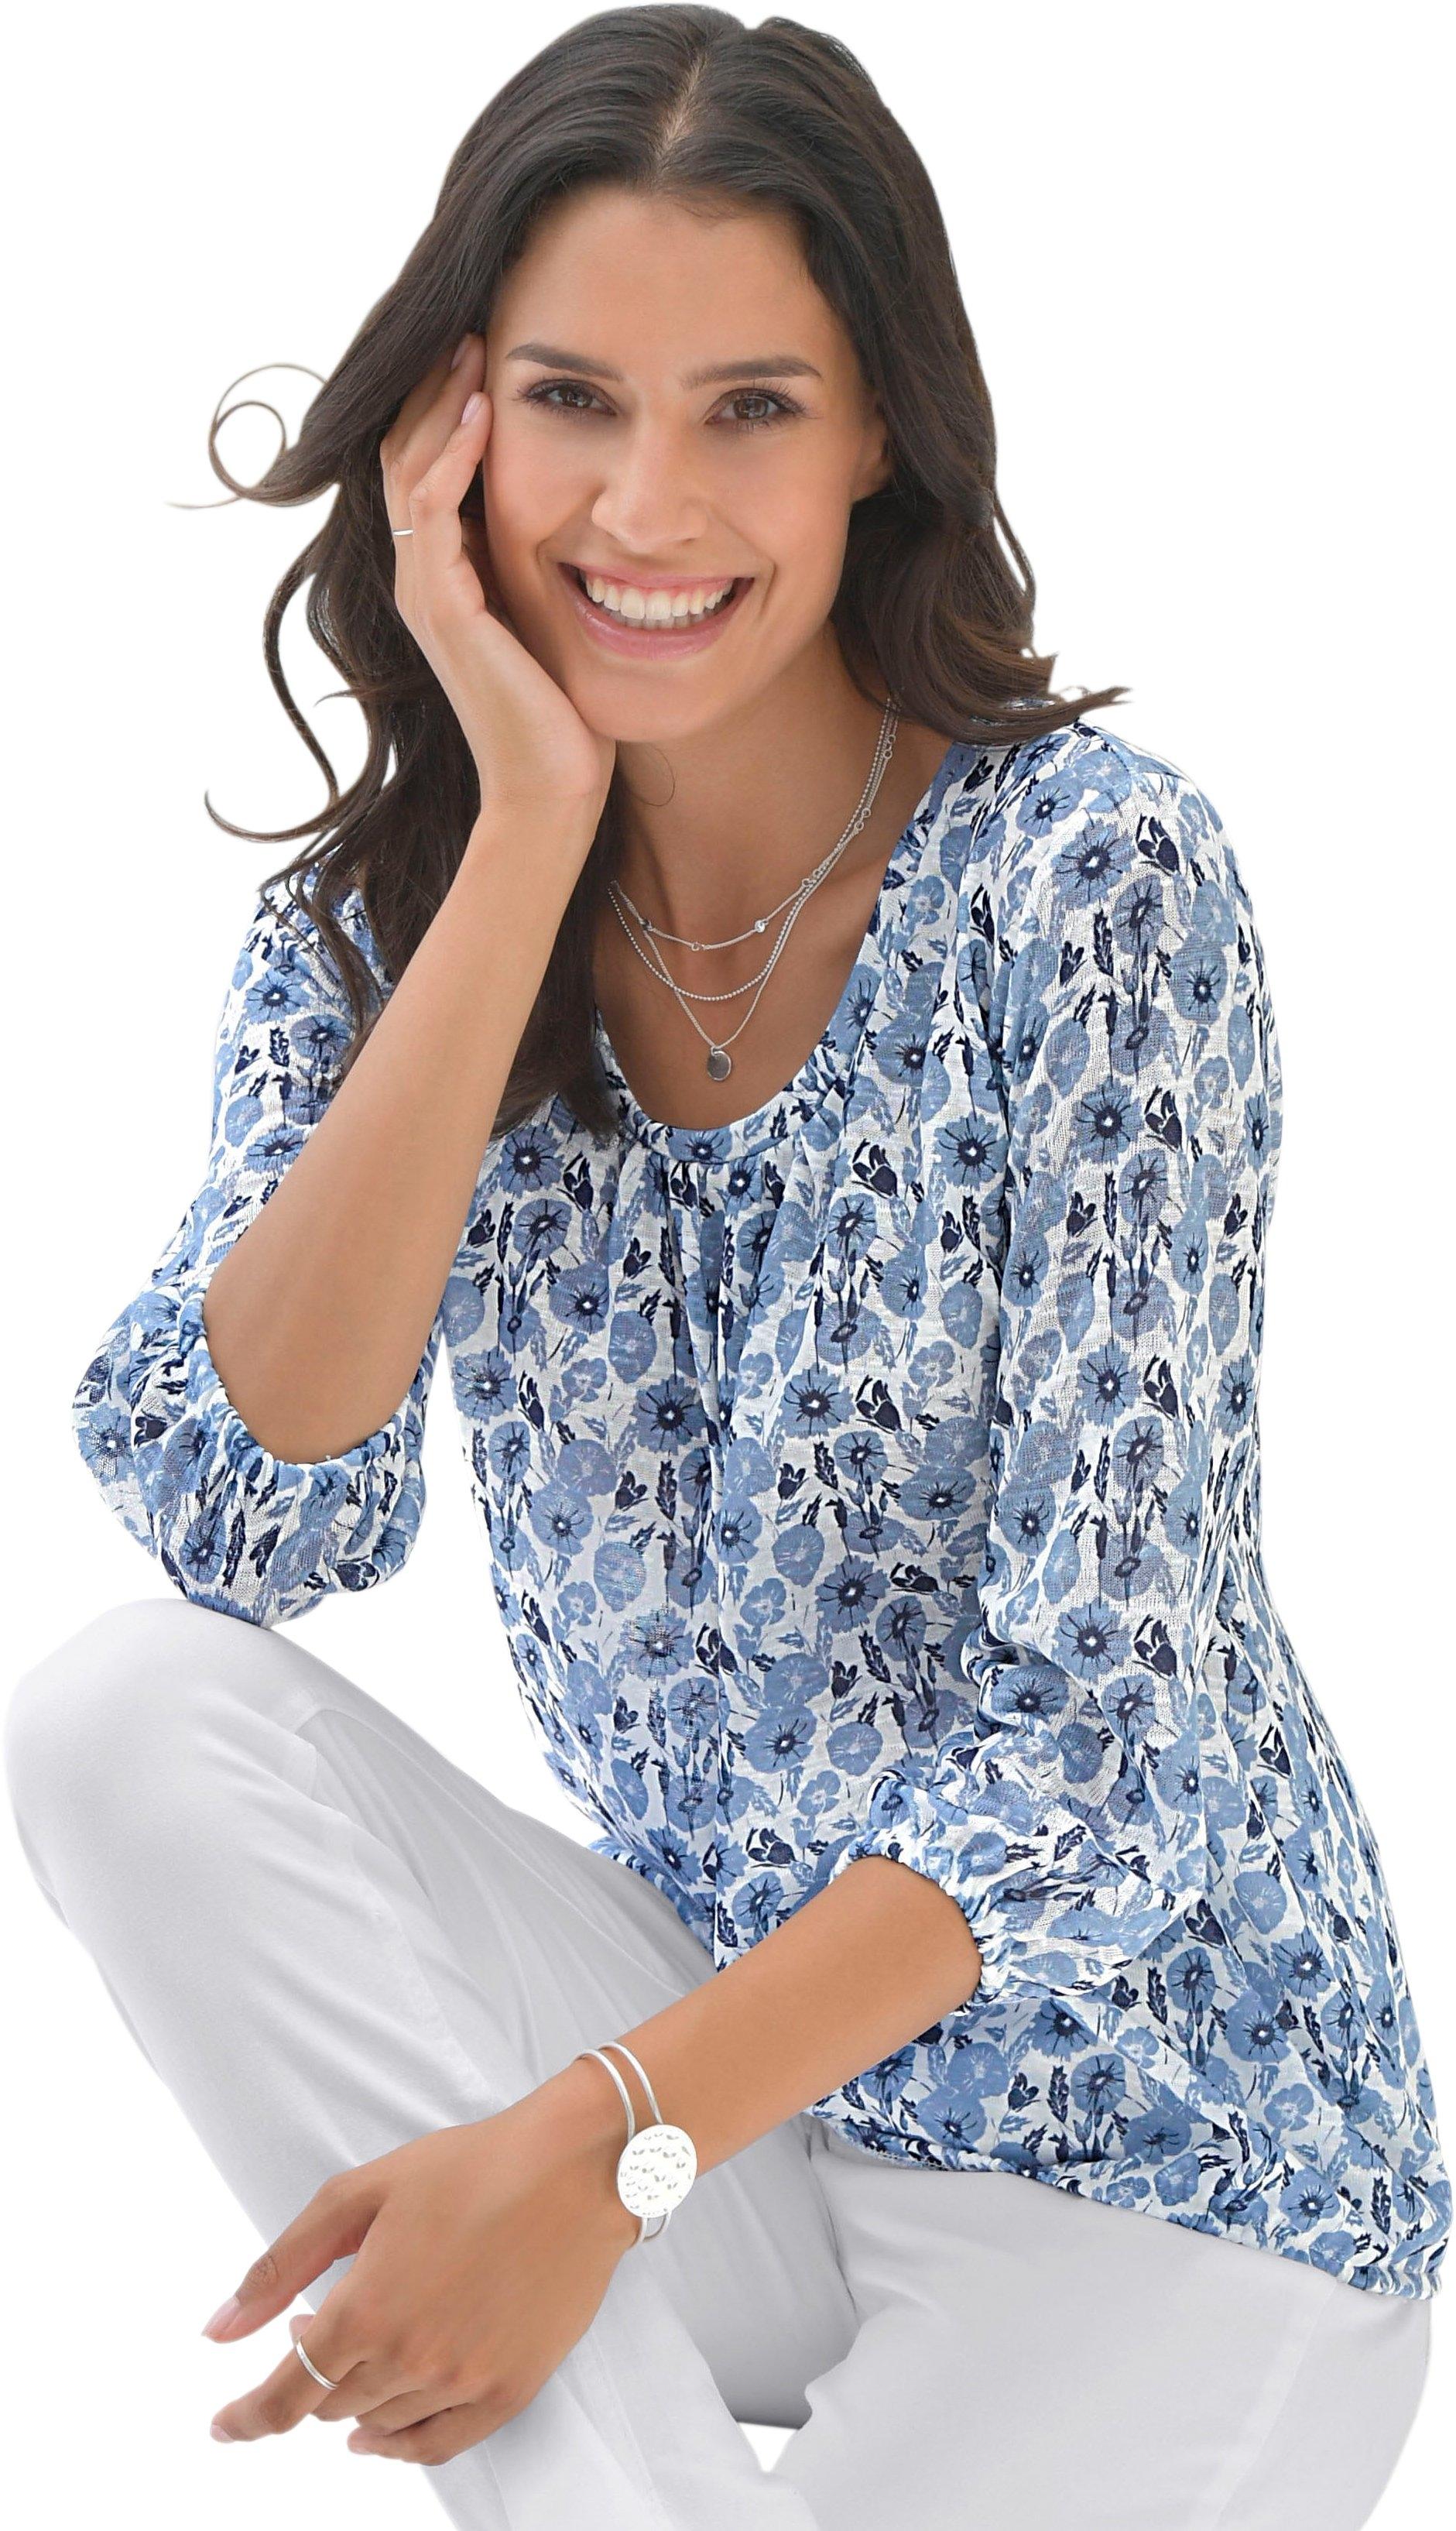 Met Inspirationen Harmonieus Online Classic Shirt Bloemmotief Bij bfy7vIY6g